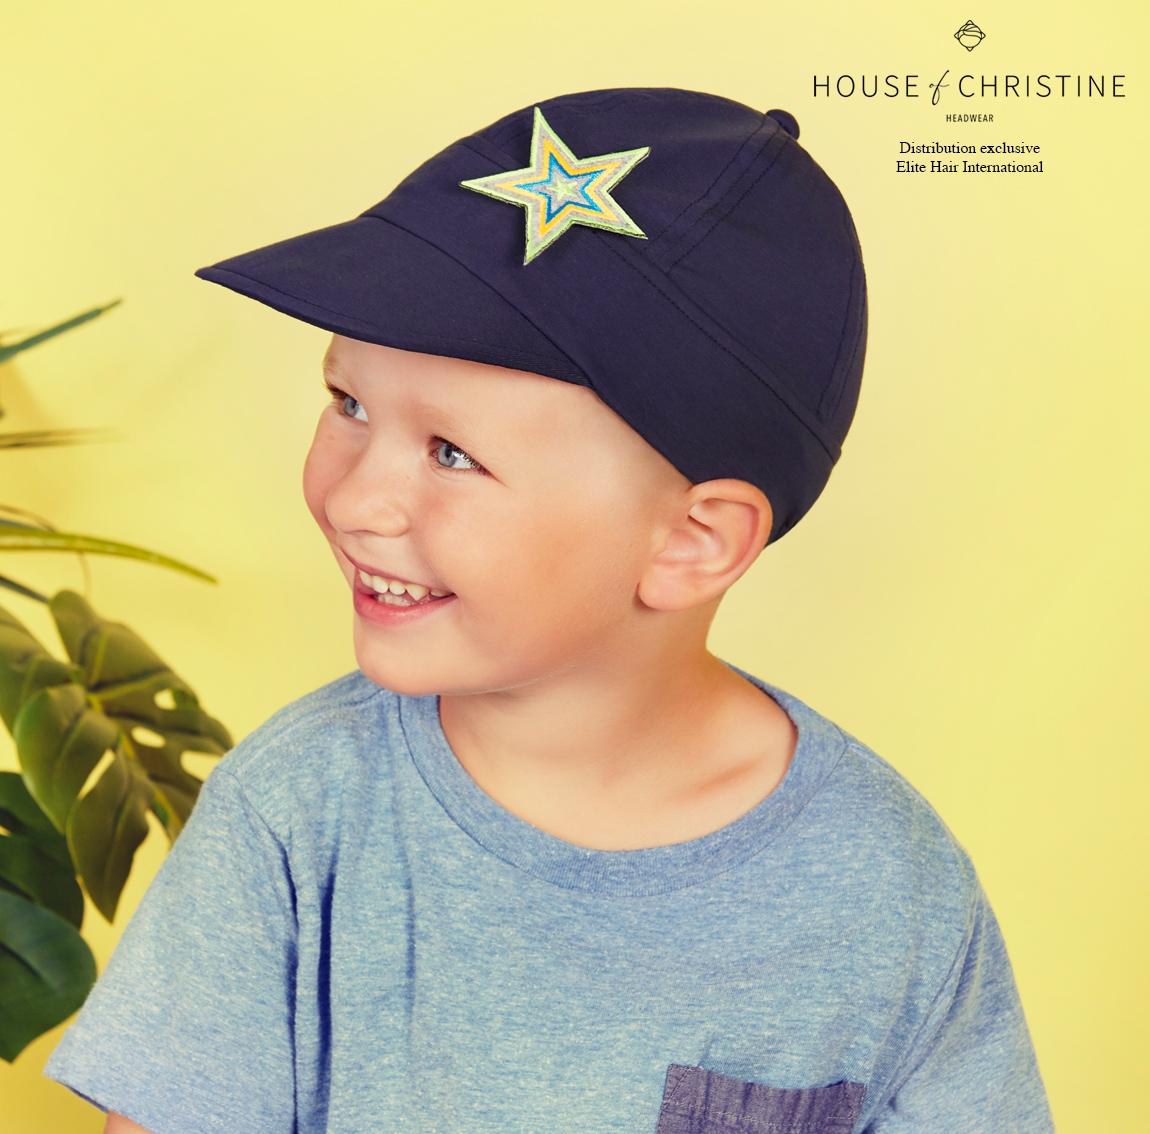 Casquette chimio, casquette solaire kid, casquette enfants, nemo, protection anti-UV UPF 50+, Christine Headwear